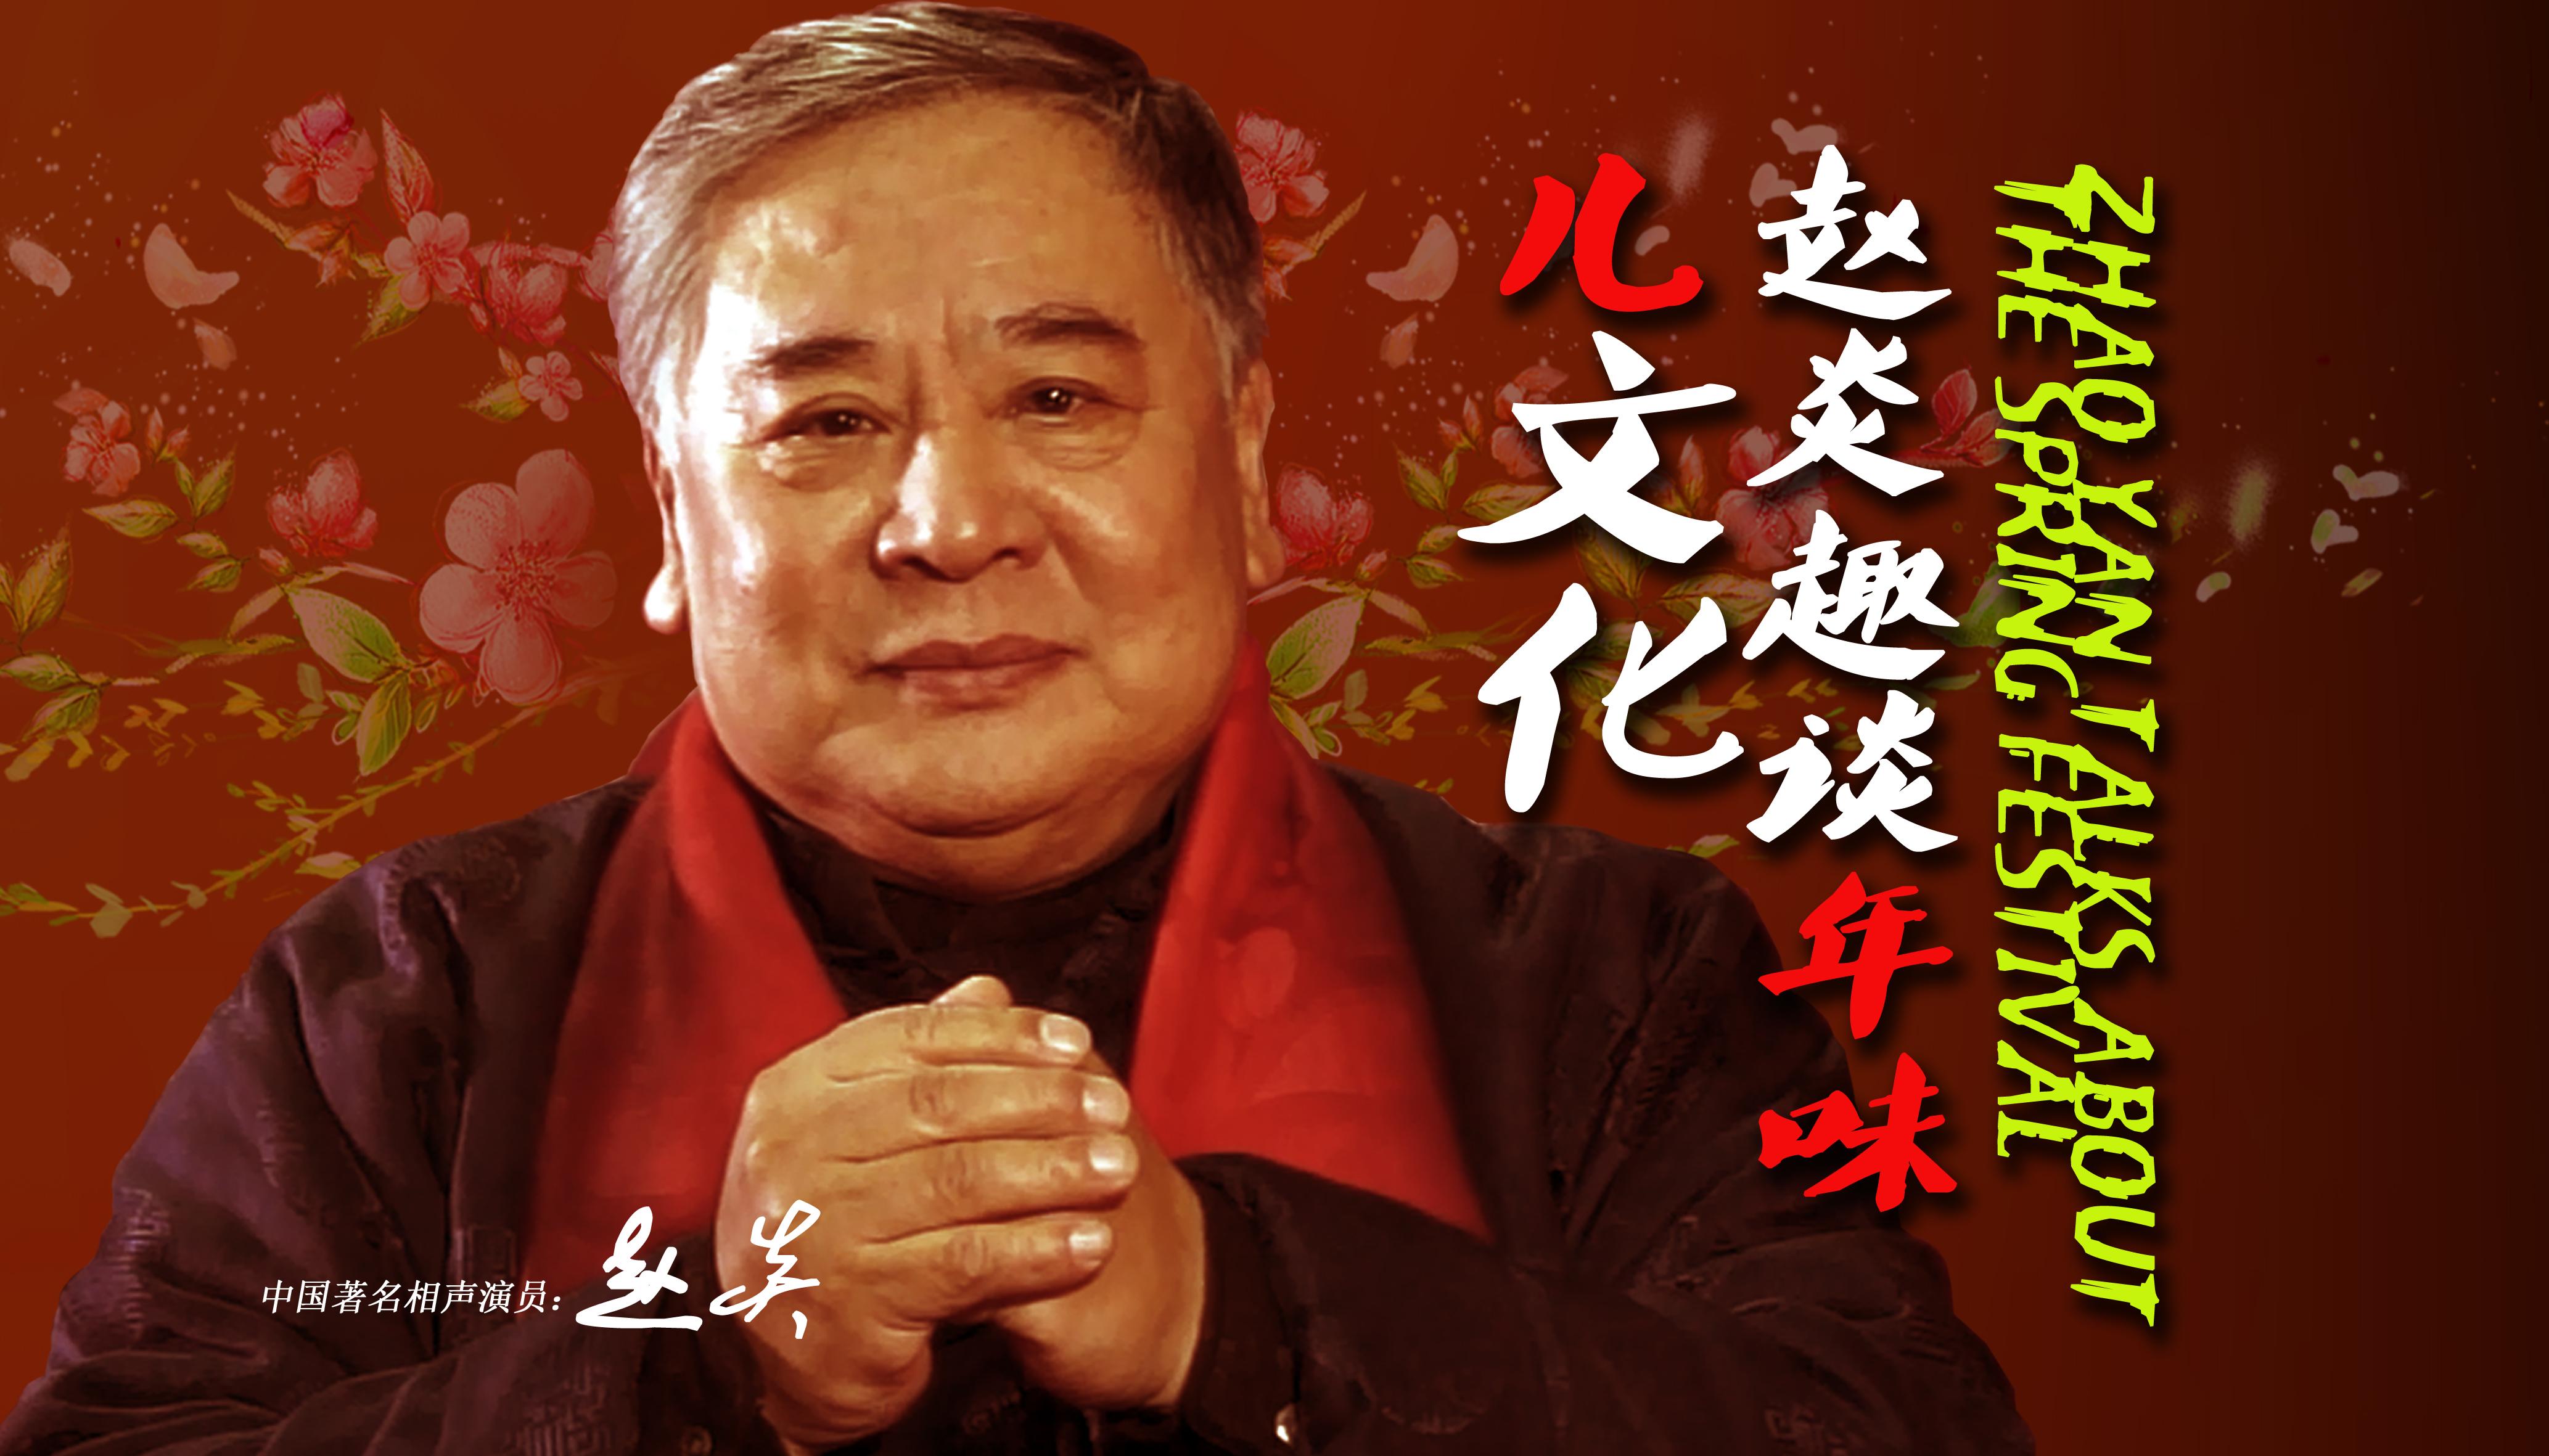 著名相聲表演藝術家趙炎:暢談年味兒文化